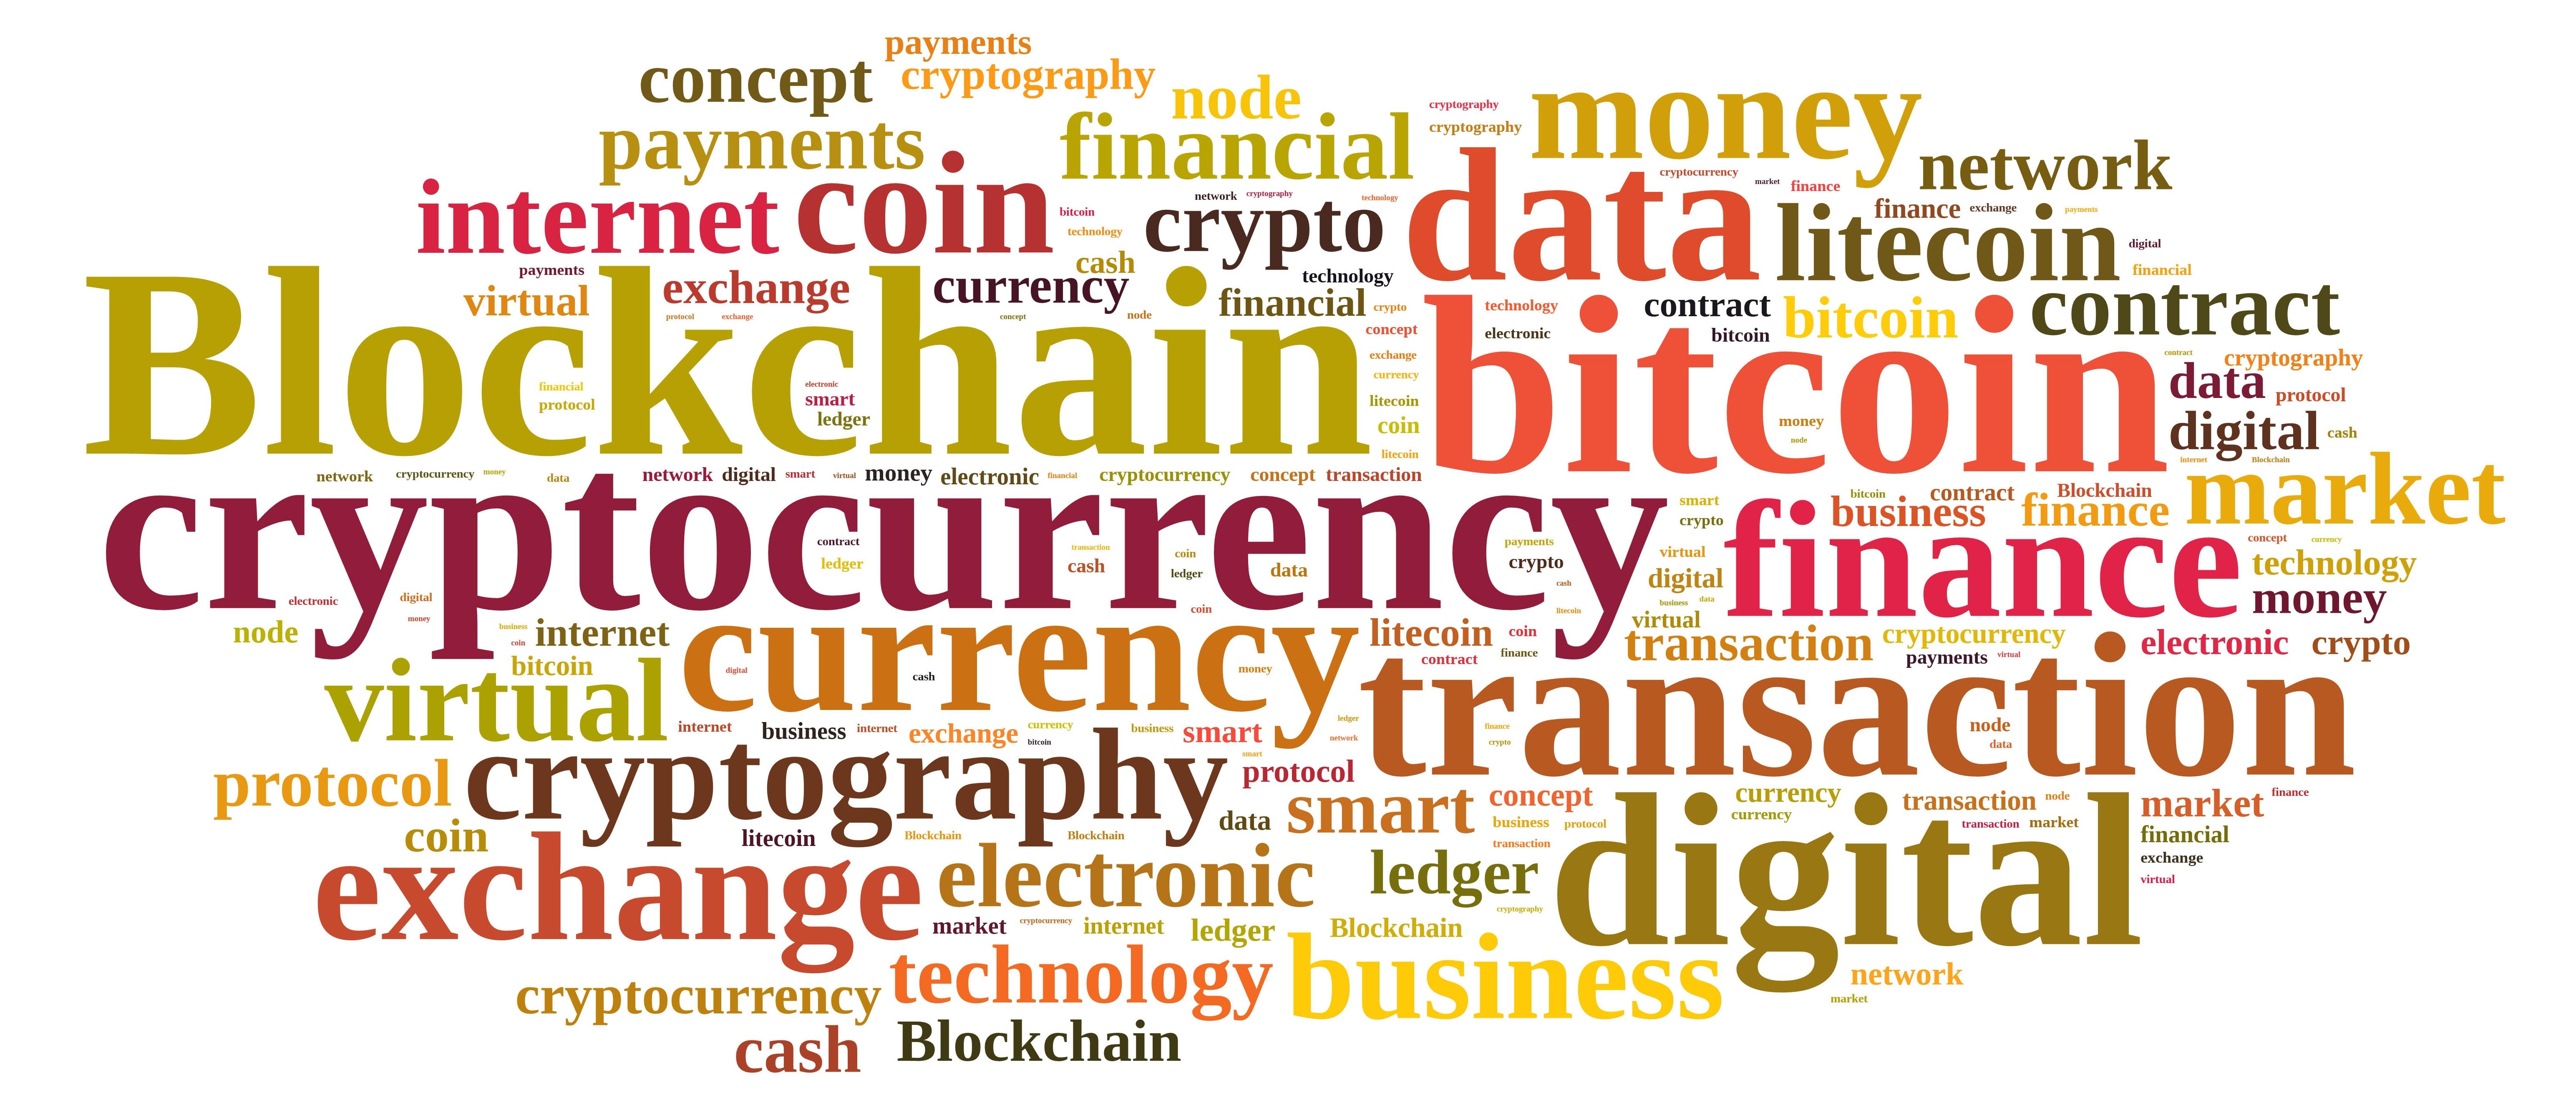 بازار ارز های رمز نگاری همچنان رو به افول